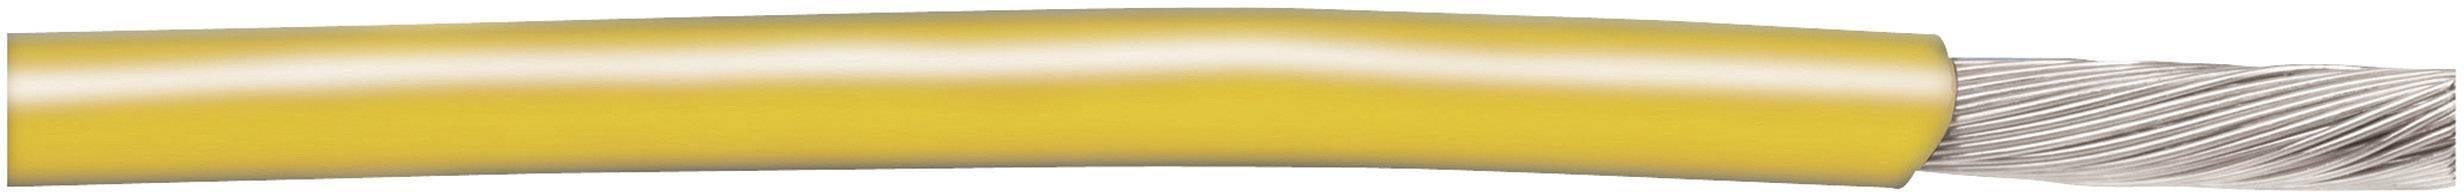 Opletenie / lanko AlphaWire 3057 GR001 1 x 1.31 mm², vonkajší Ø 2.33 mm, metrový tovar, zelená